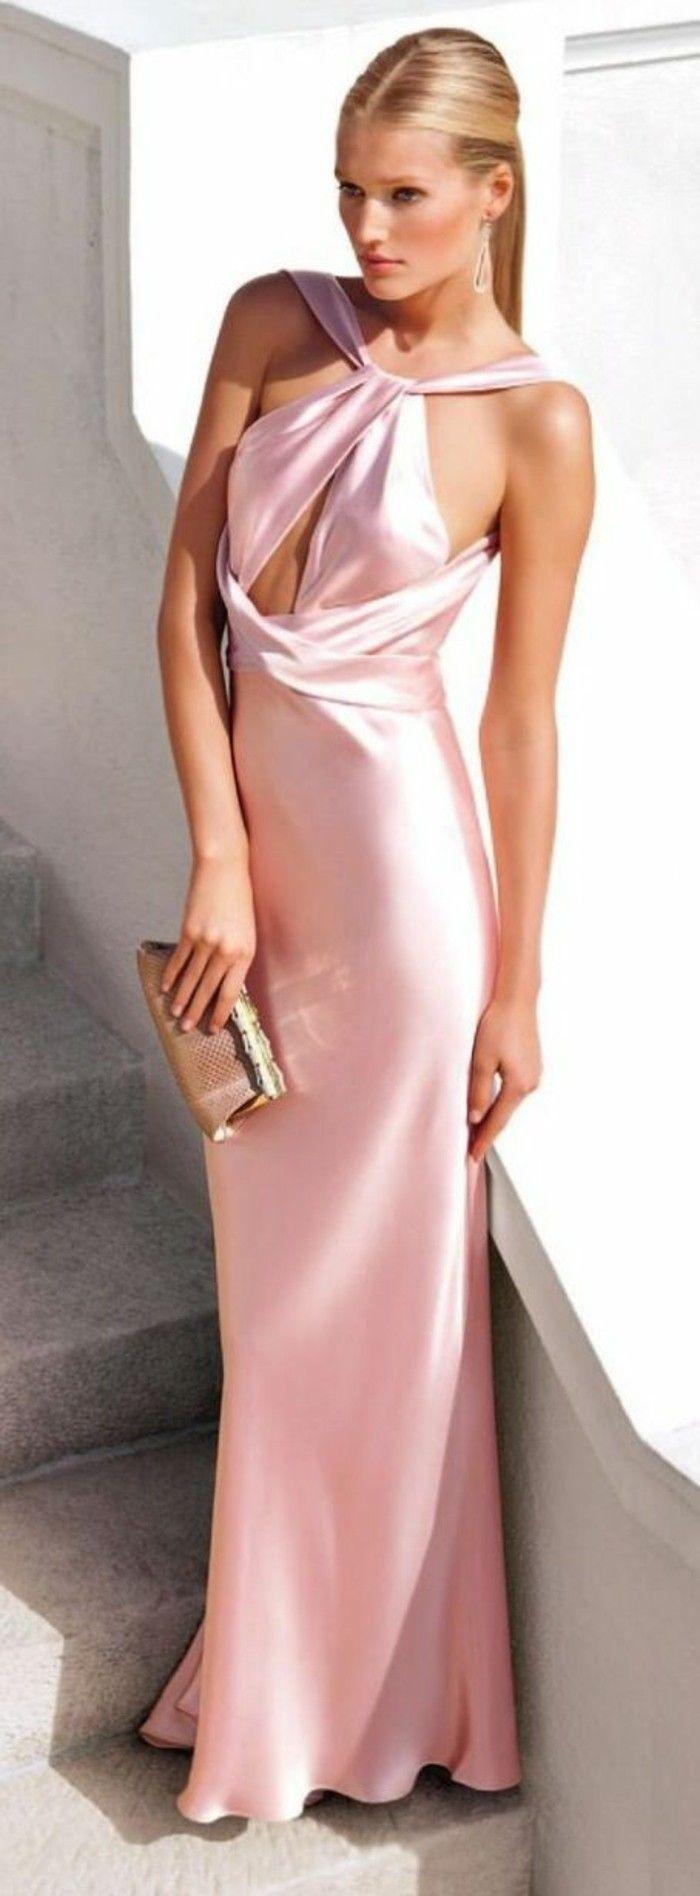 13 Erstaunlich Elegante Kleider Hochzeit VertriebAbend Genial Elegante Kleider Hochzeit Ärmel